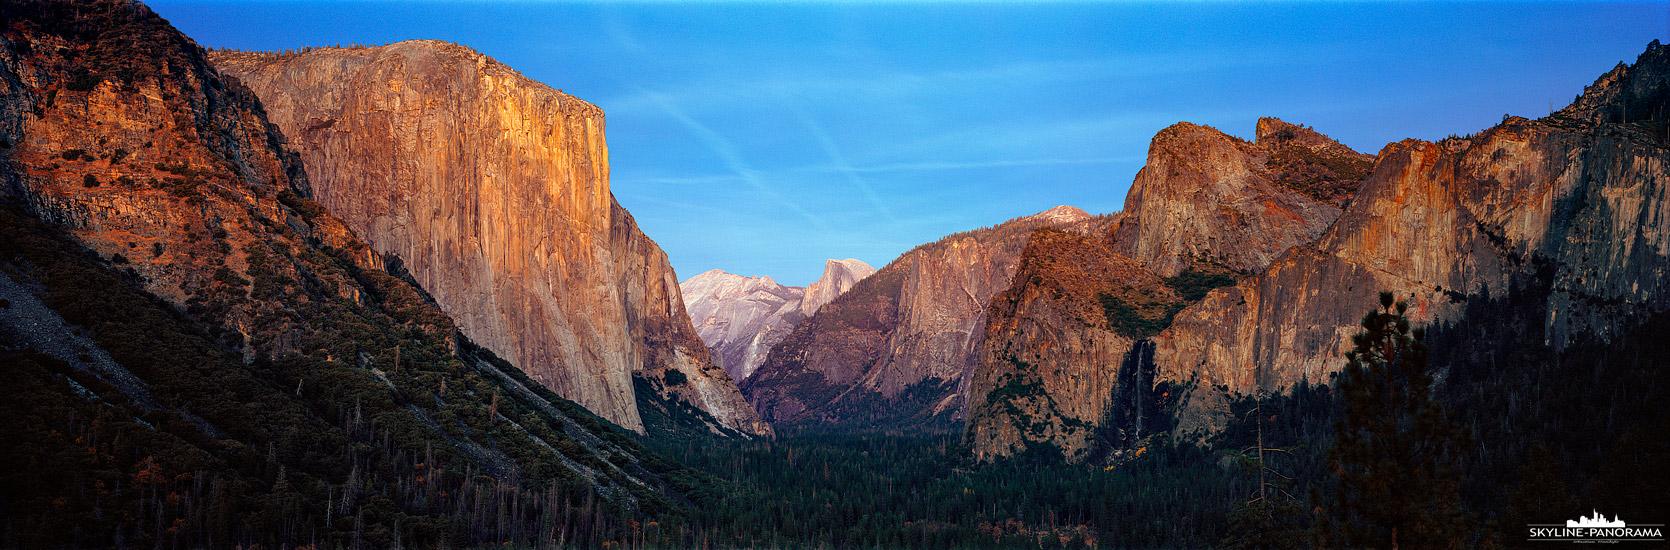 6x17 Panorama USA - Ein Ausblick zum Sonnenuntergang in das beeindruckende Valley des Yosemite National Park von einem der beliebtesten Aussichtspunkte aus, dem Tunnel View Poin. Die Letzten Sonnenstrahlen erleuchten die beiden bekanntesten Gipfel des Yosemite Nationalparks, rechts den El Capitan, mit seiner fast 1000 Meter hohen Felswand und dem Halfdome, am anderen Ende des Yosemite-Tals.